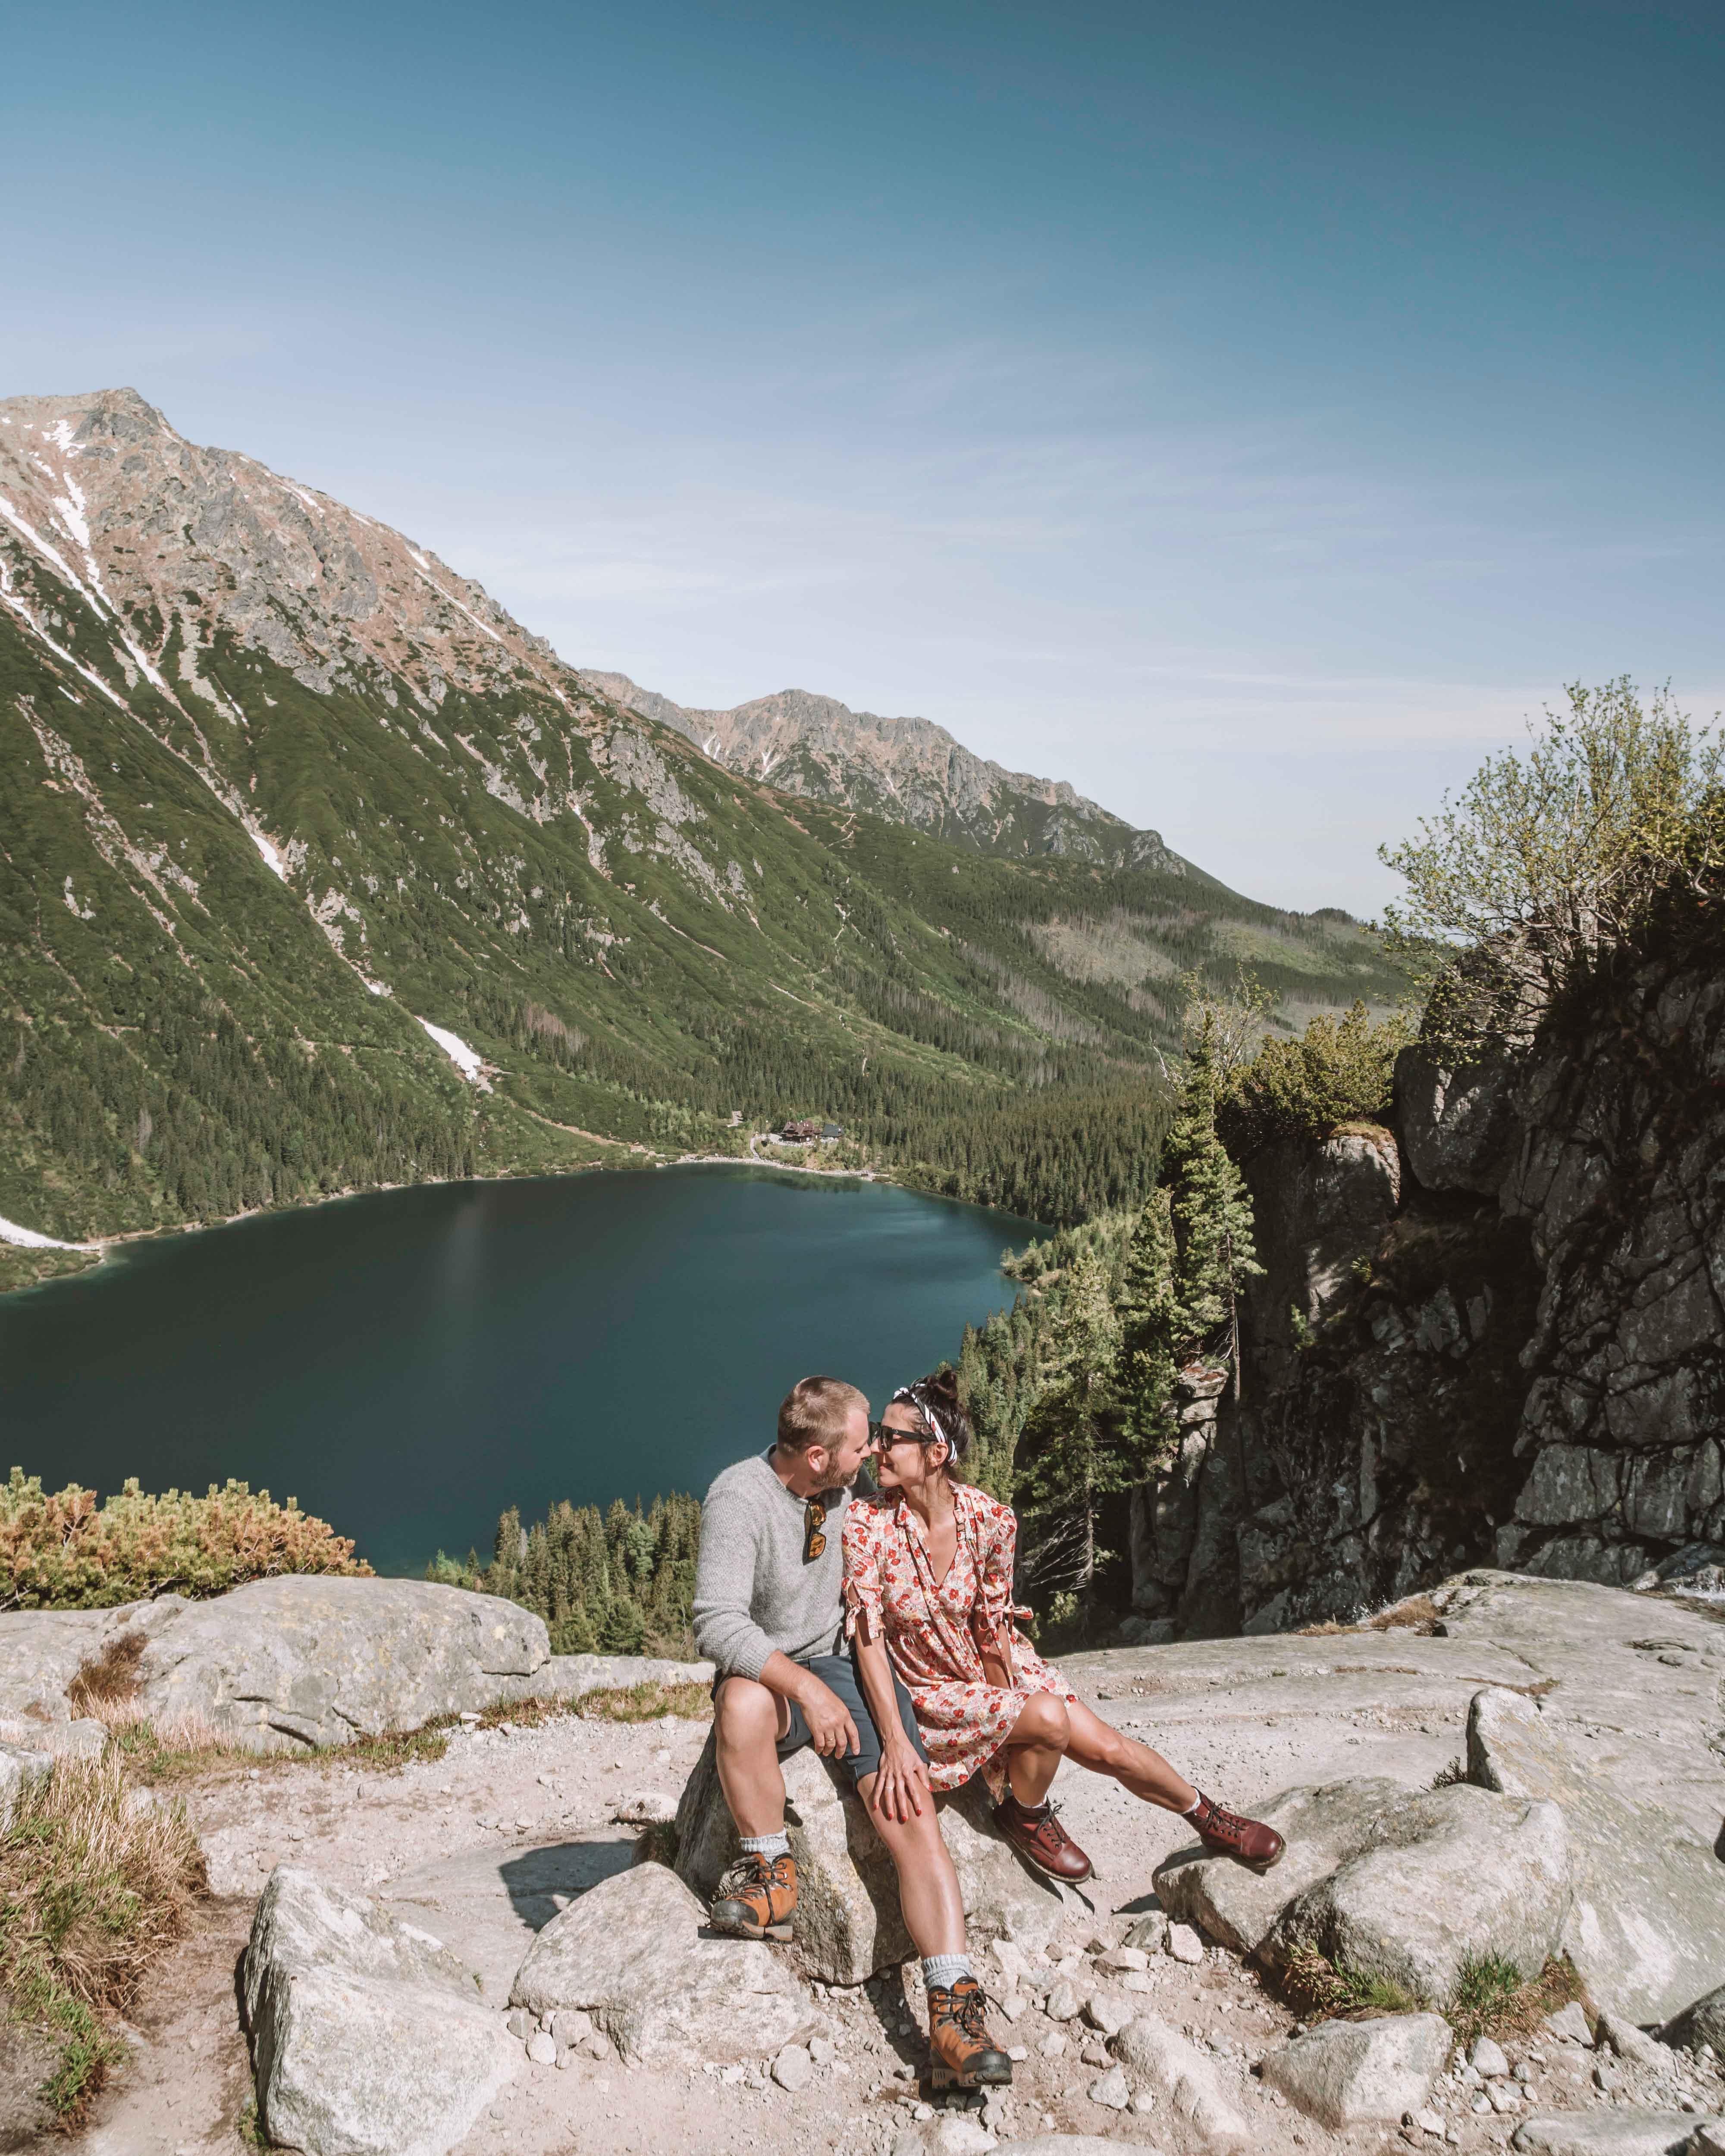 Morskie-Oko-Lake-Tatra-Mountains